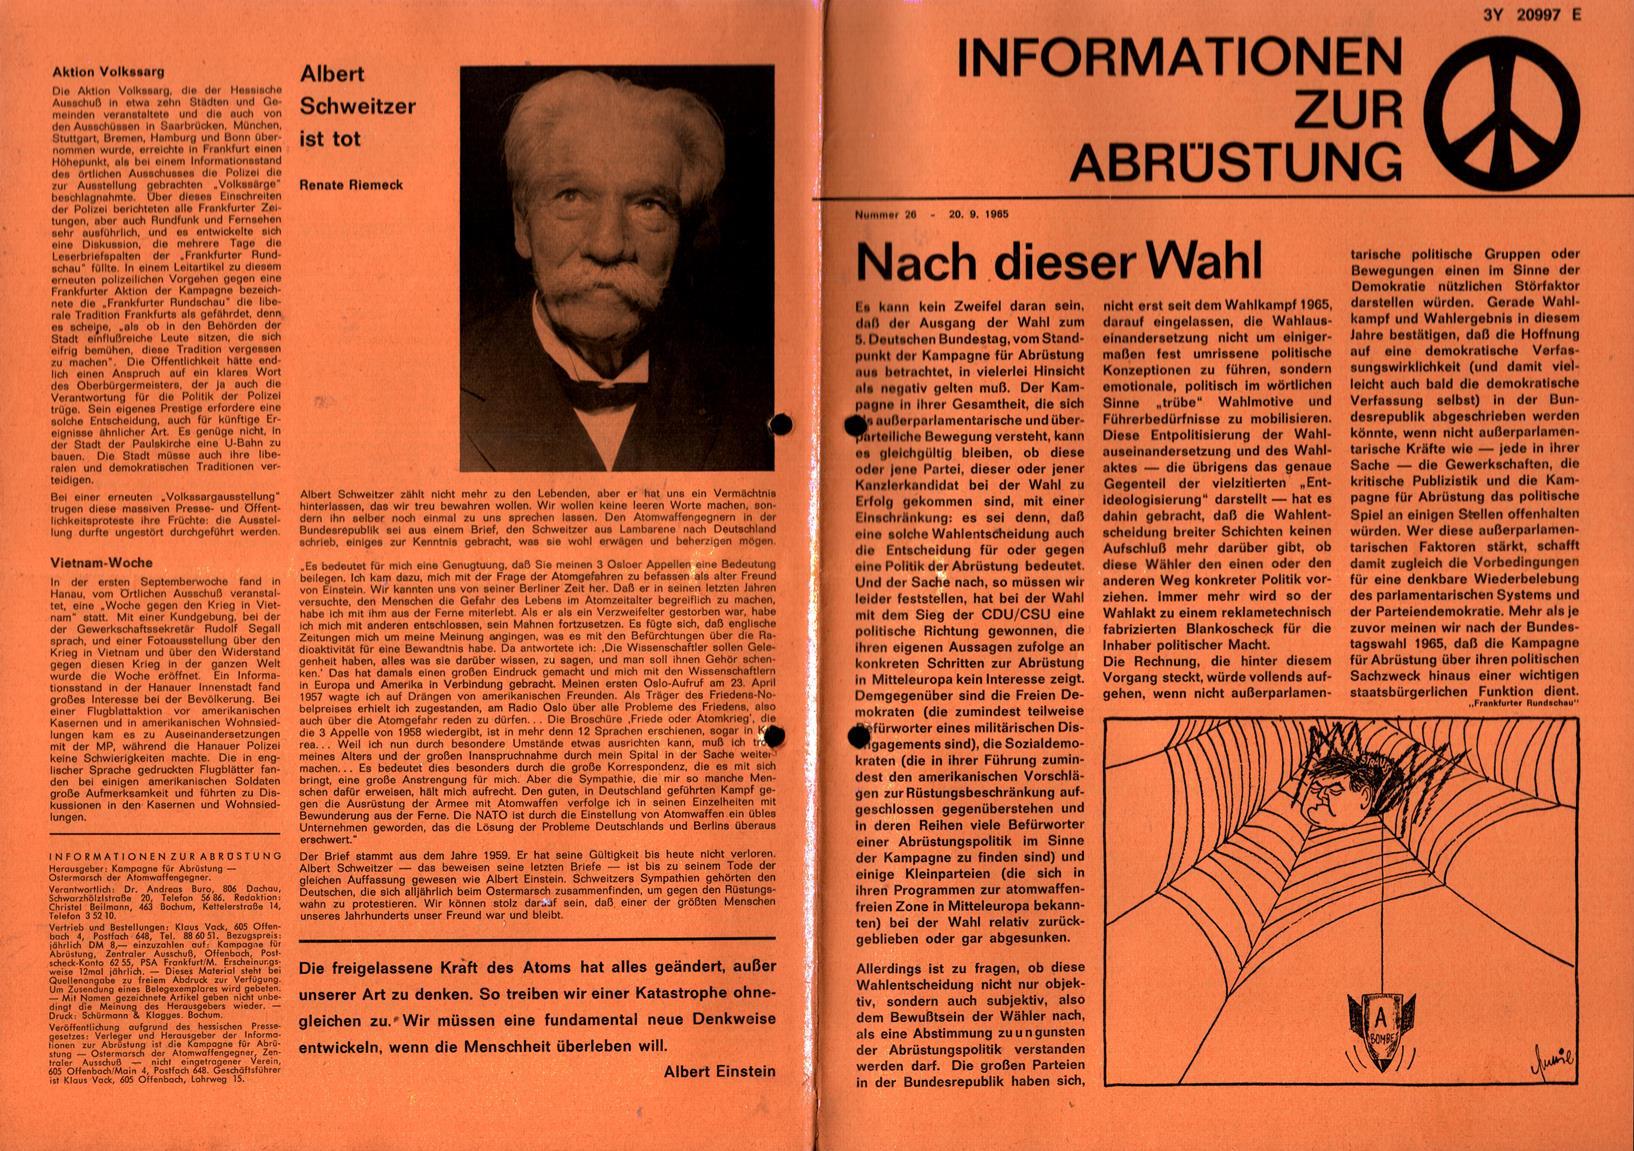 Infos_zur_Abruestung_1965_026_001